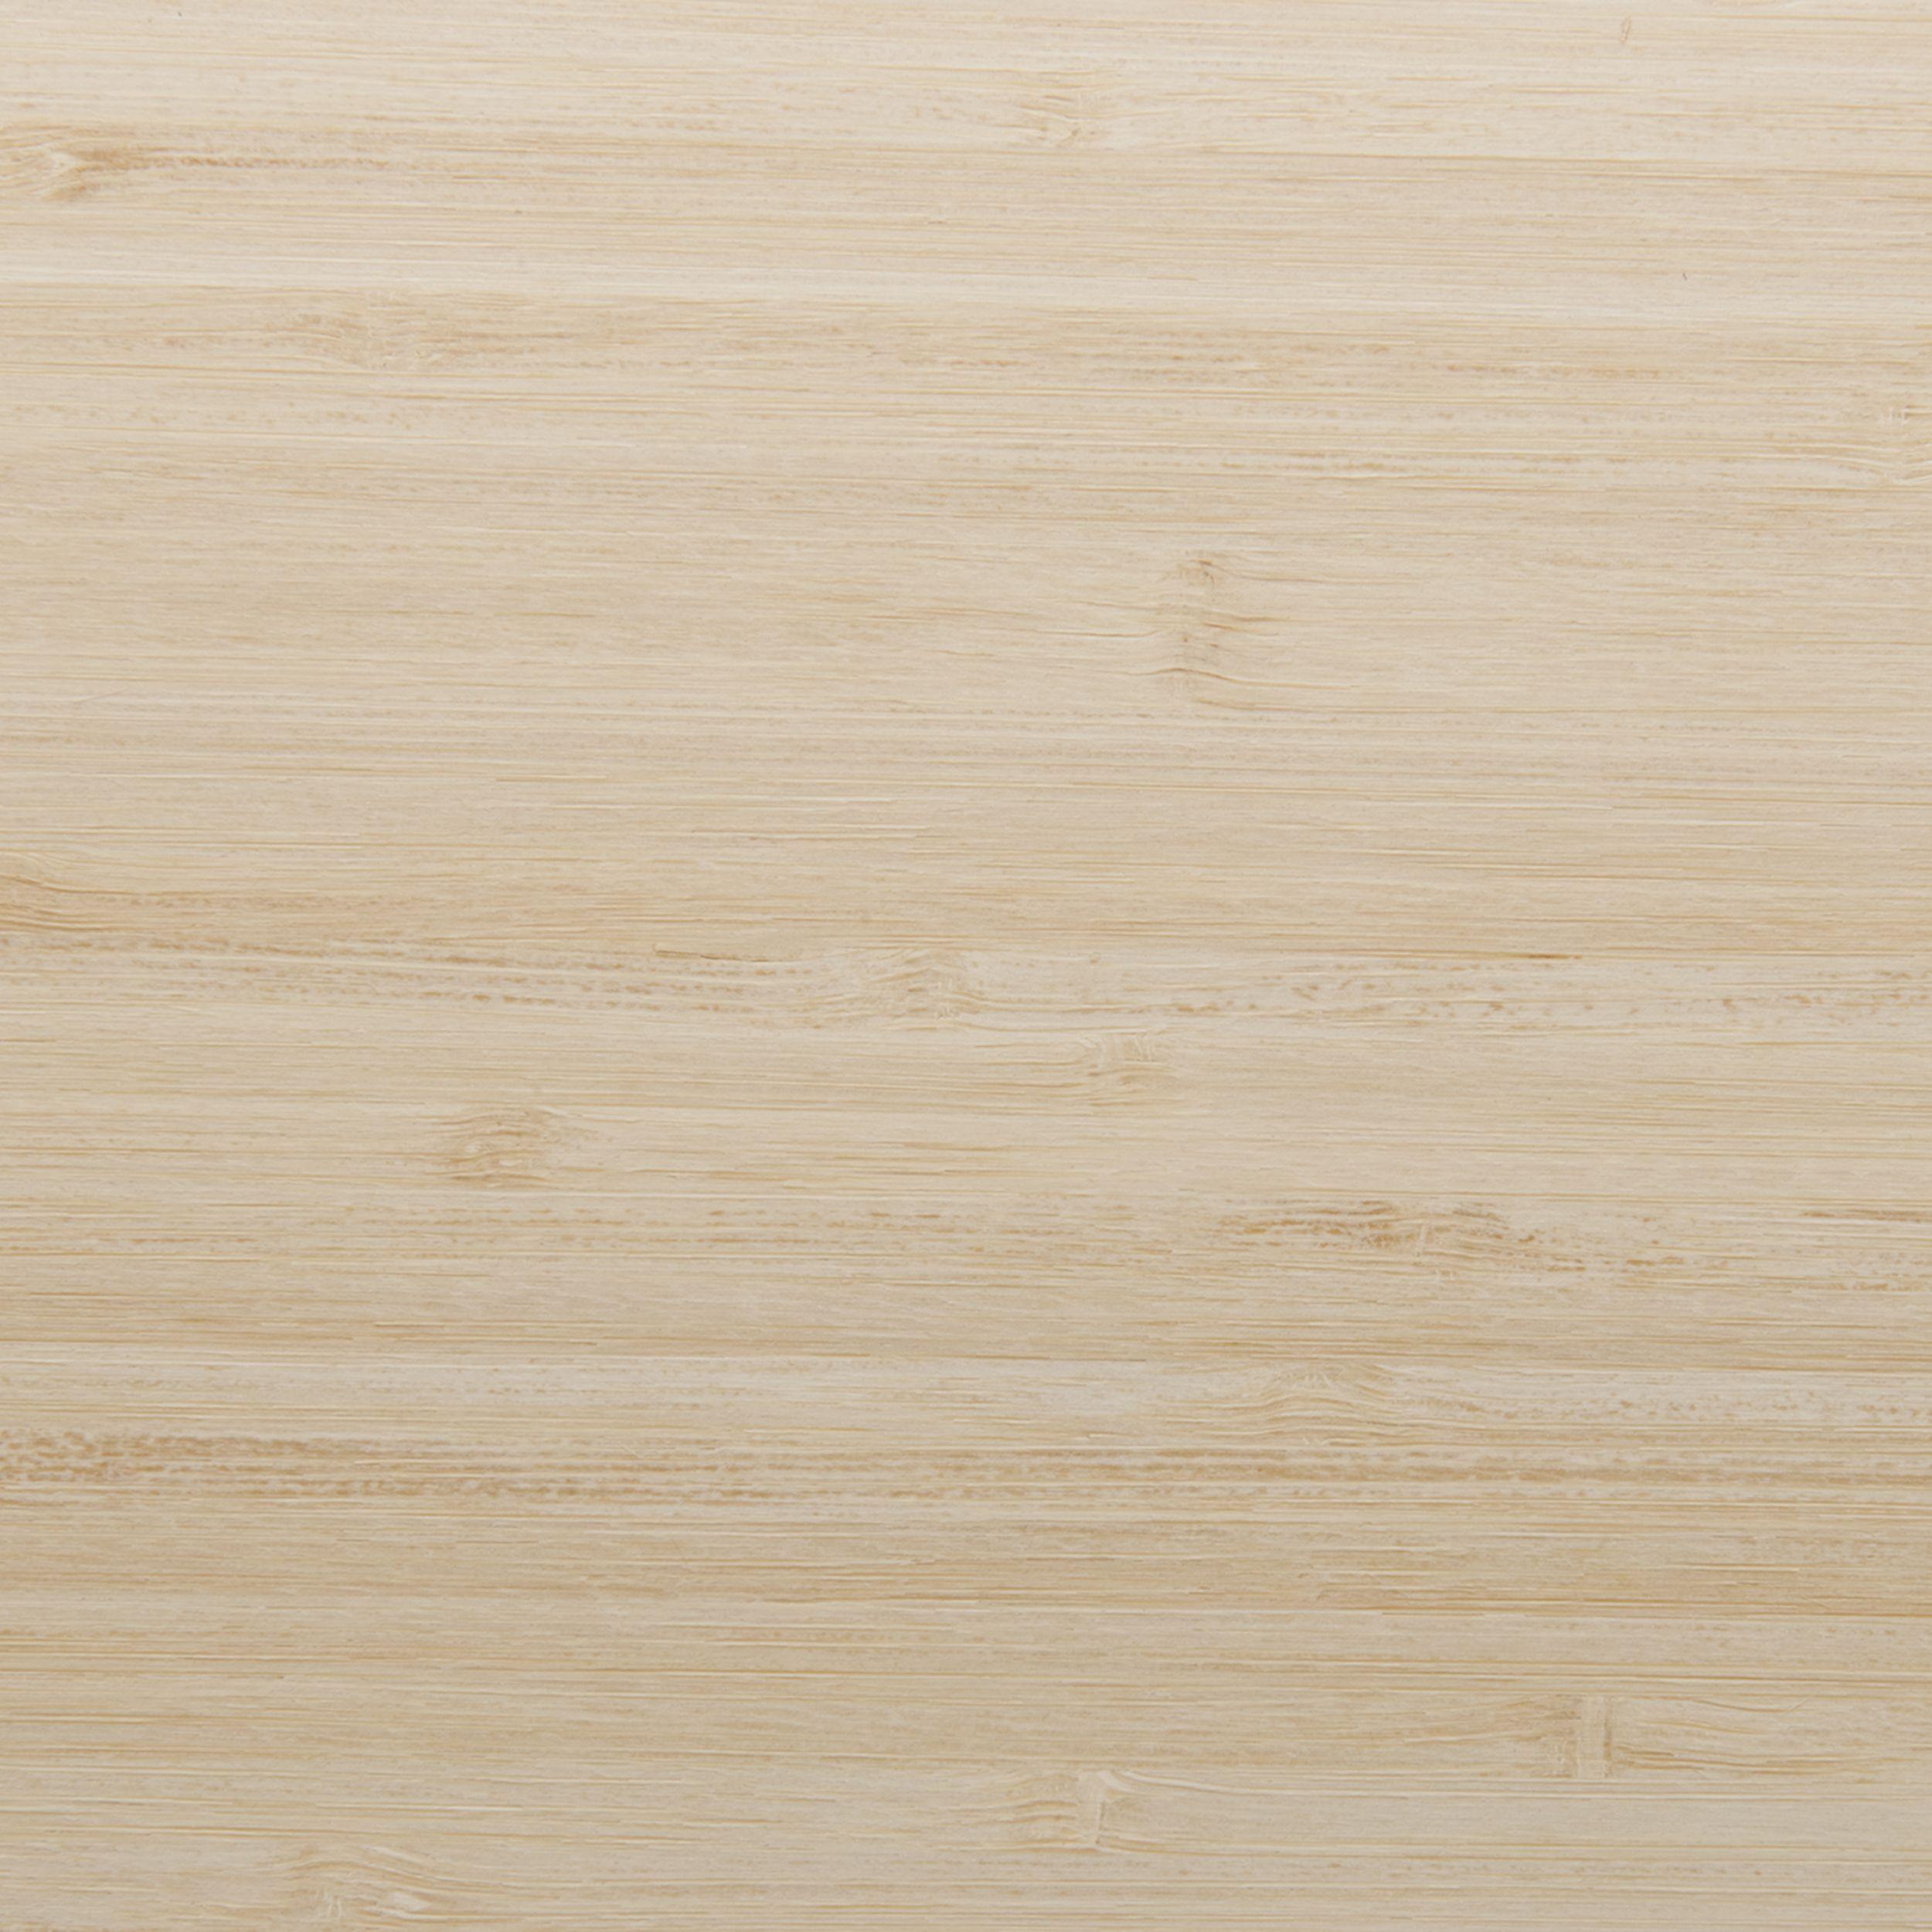 Bamboo Veneer Sheet White Vertical Grain 4 X 8 2 Ply Wood On Wood Naturalwoodprojects Veneers Wood Plywood